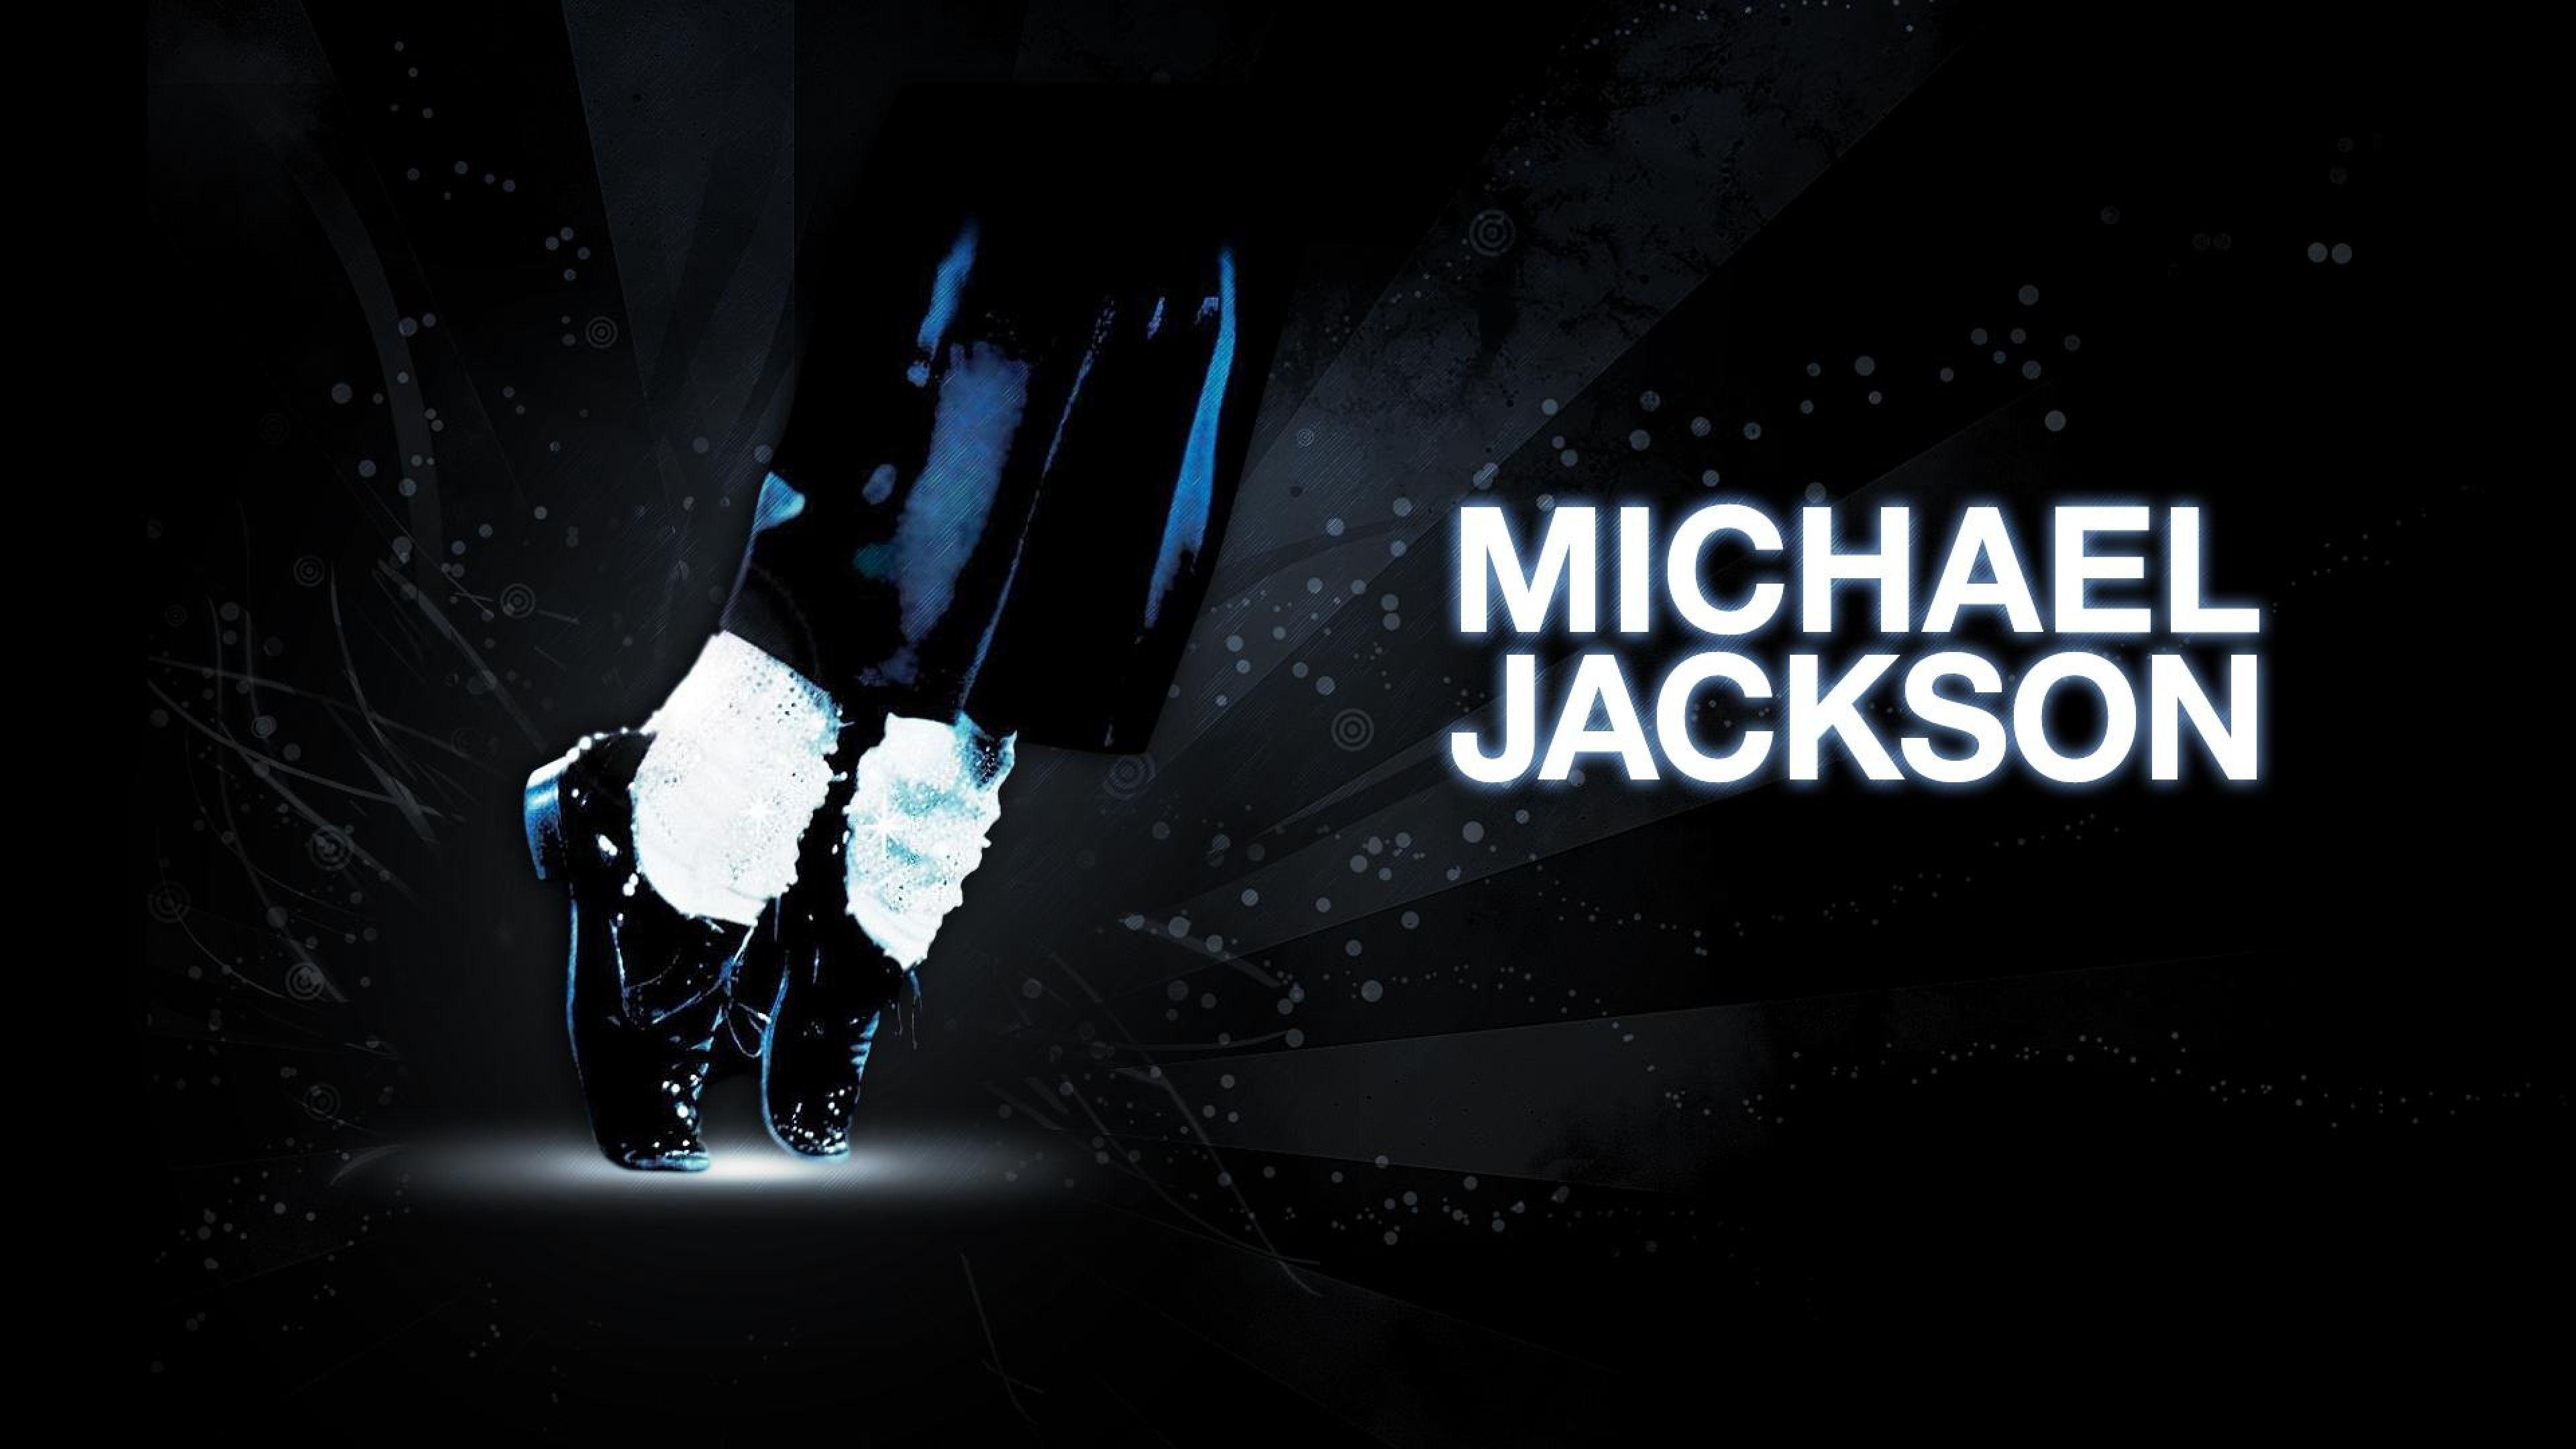 4K Ultra HD Michael jackson Wallpapers HD, Desktop